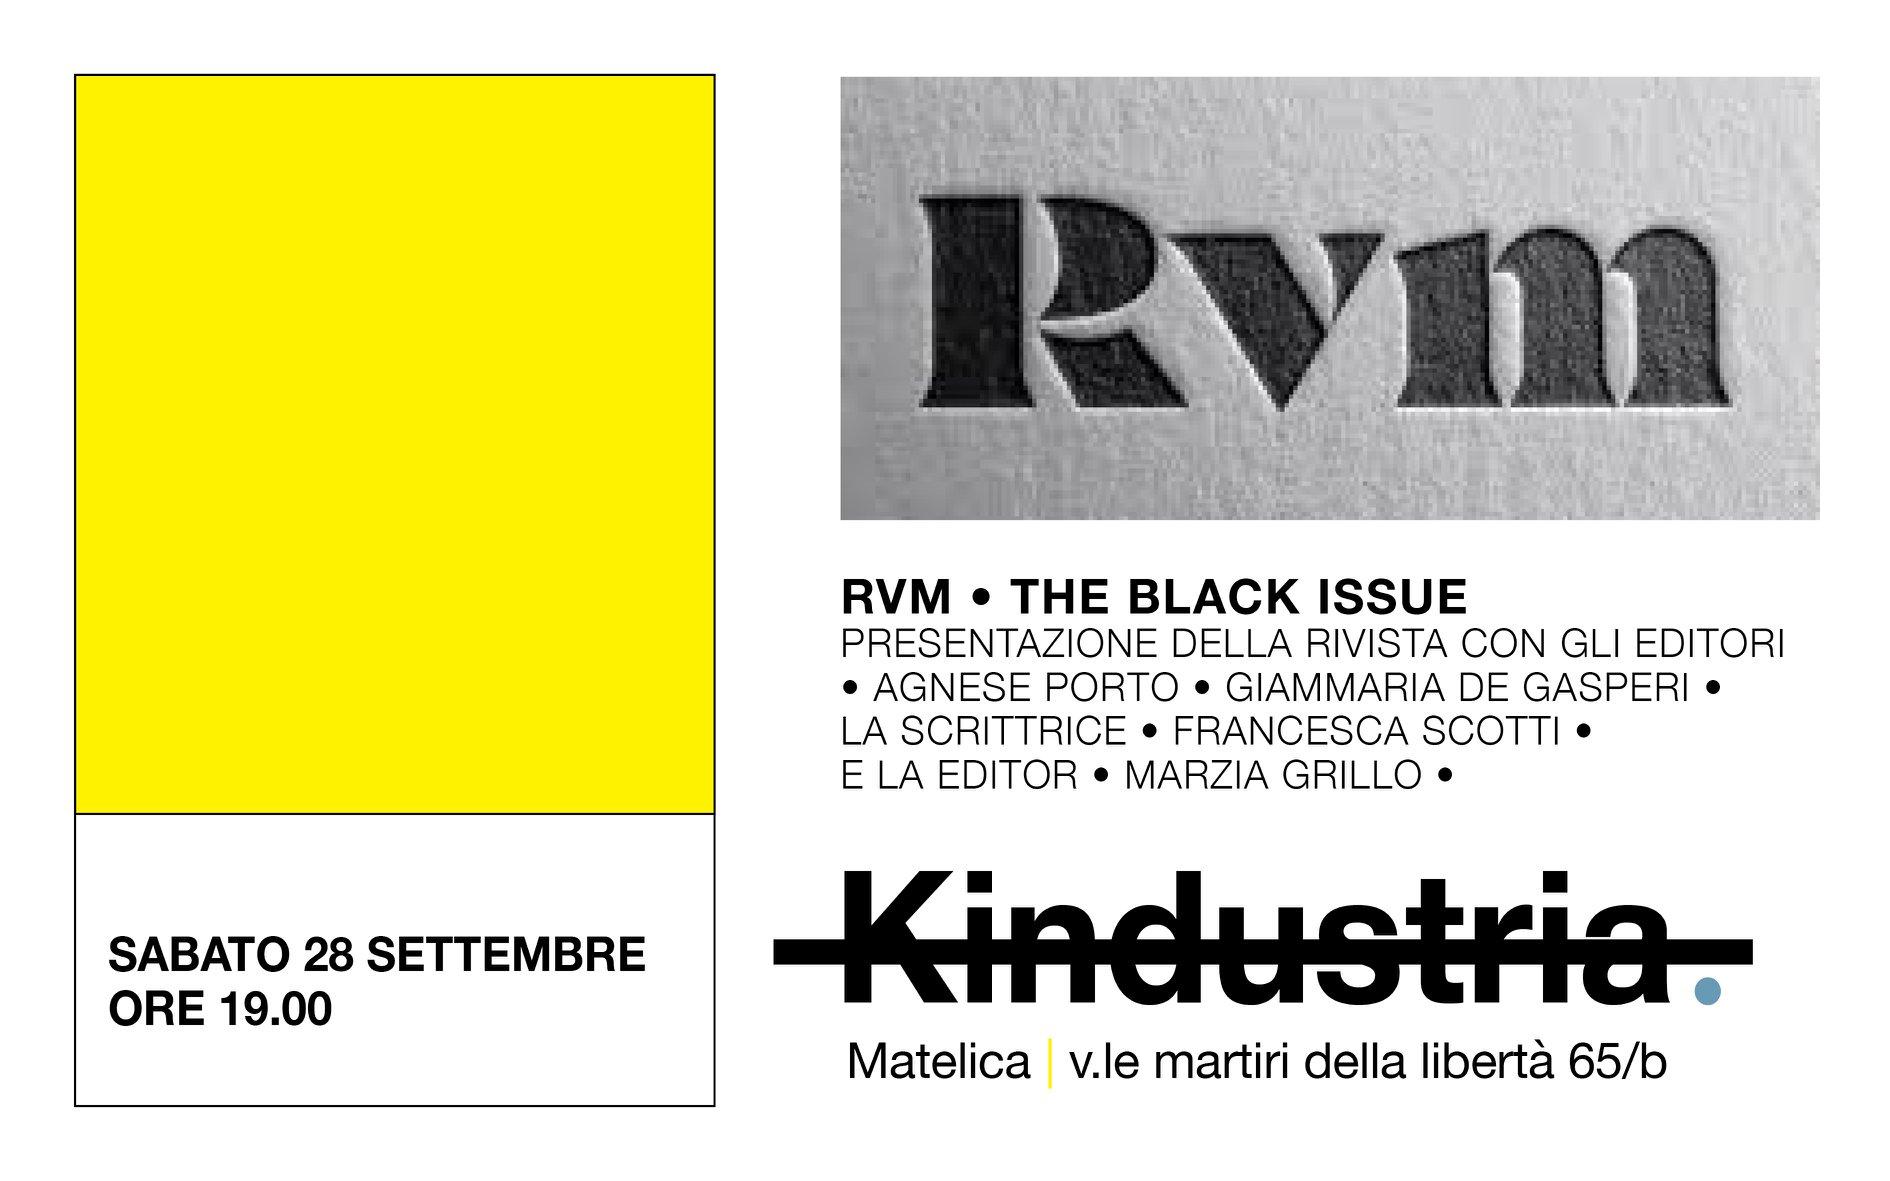 28_09 Francesca Scotti a RVM _The black issue da Kindustria